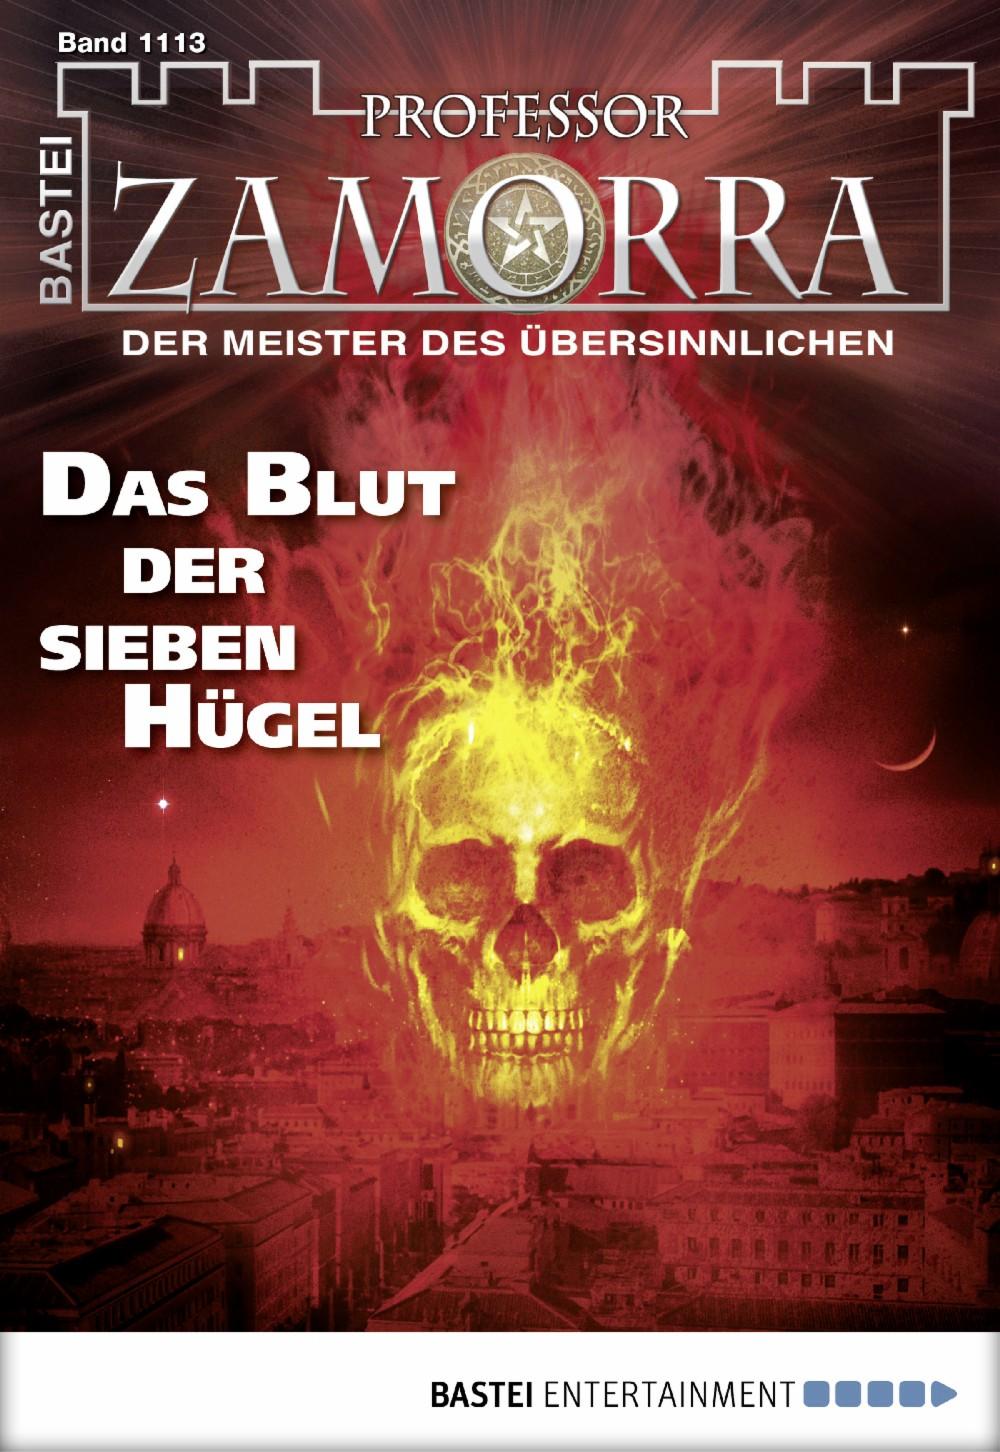 Professor Zamorra - Folge 1113